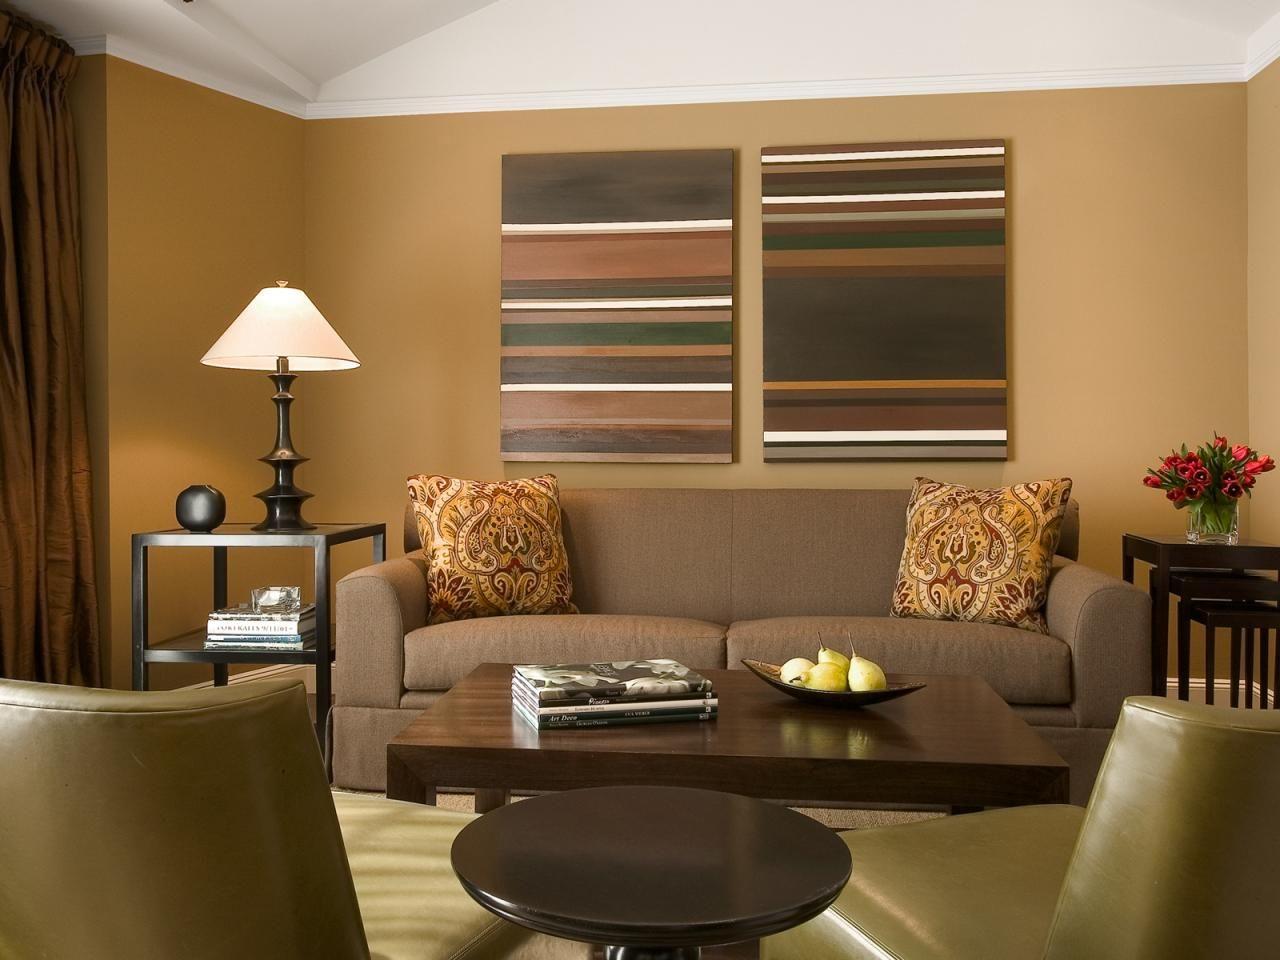 Gute Farben Für Die Zimmer  Wohnzimmer farbe, Wohnzimmer design